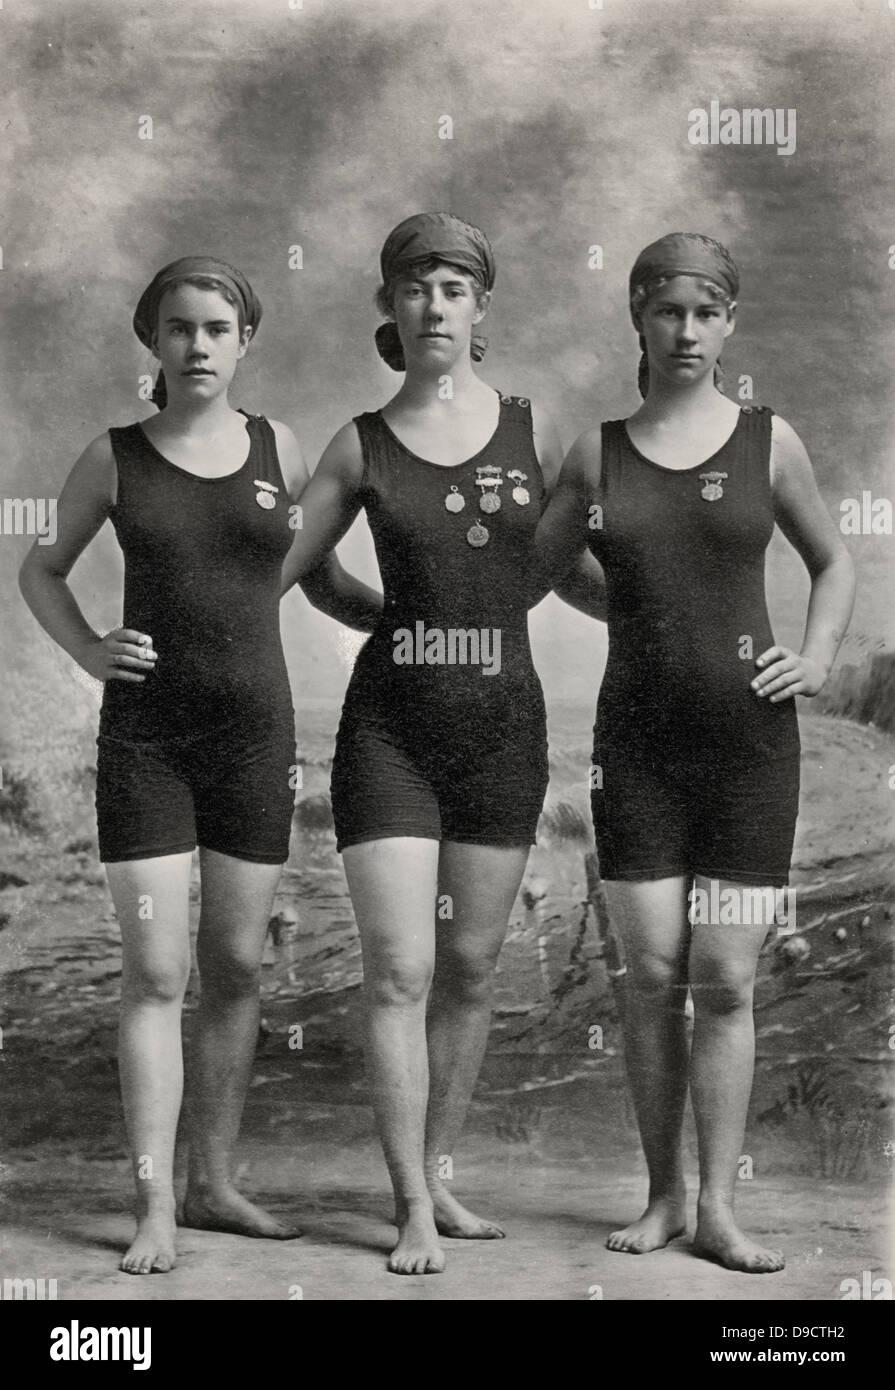 9dc34c824 Tres jóvenes mujeres posando en trajes de baño y luciendo sus medallas de  la competencia de natación